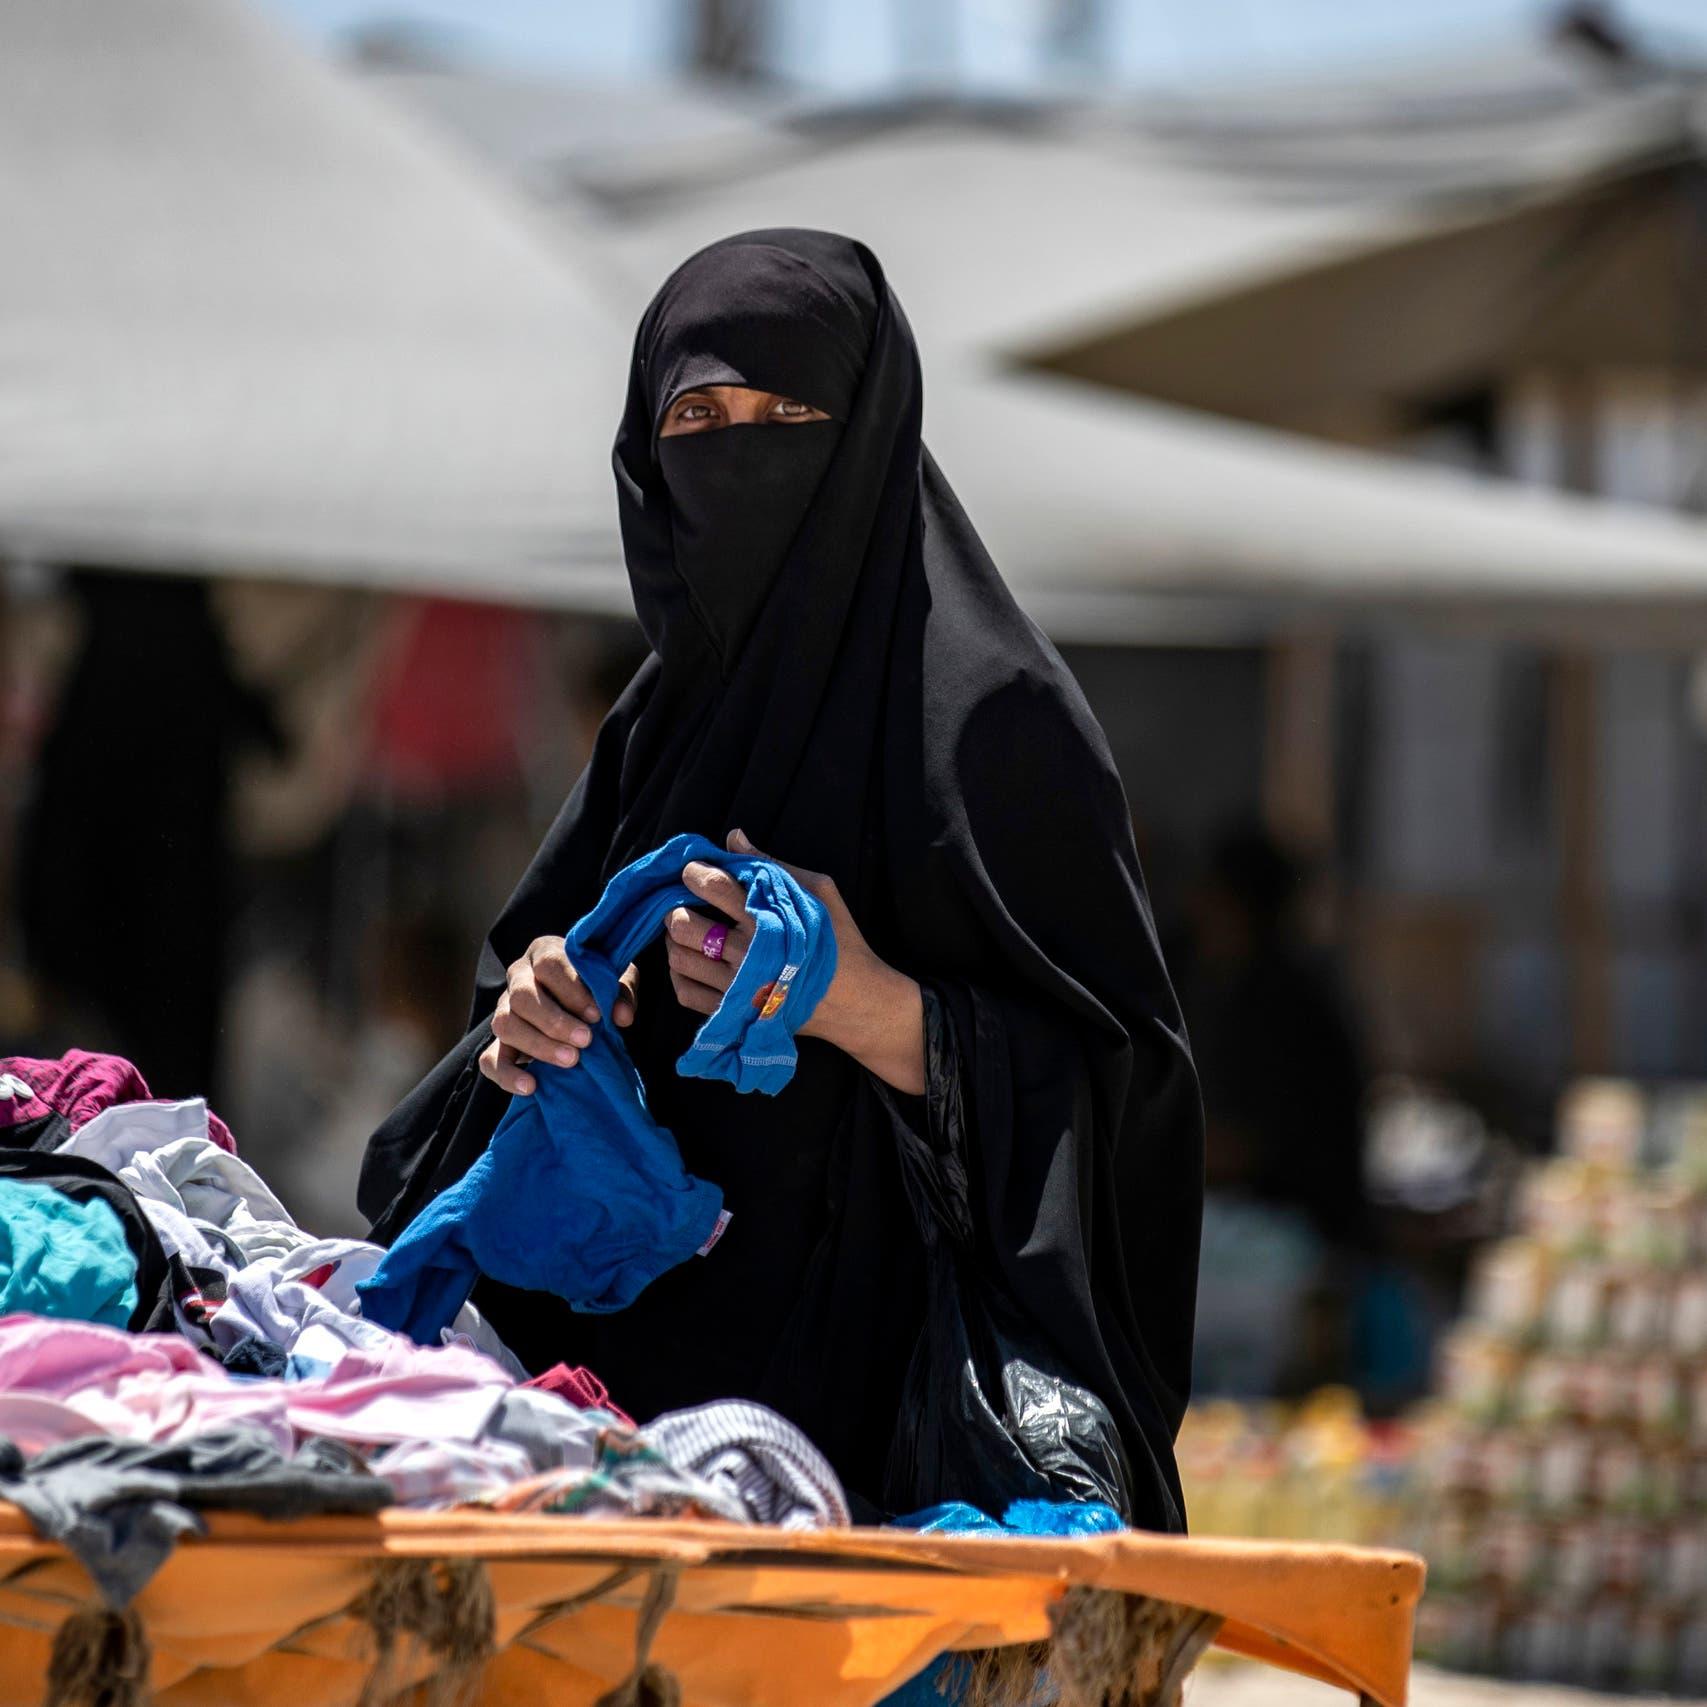 مخيم الهول يغلي.. داعشيات يضرمن النار وطريق الهروب موصد